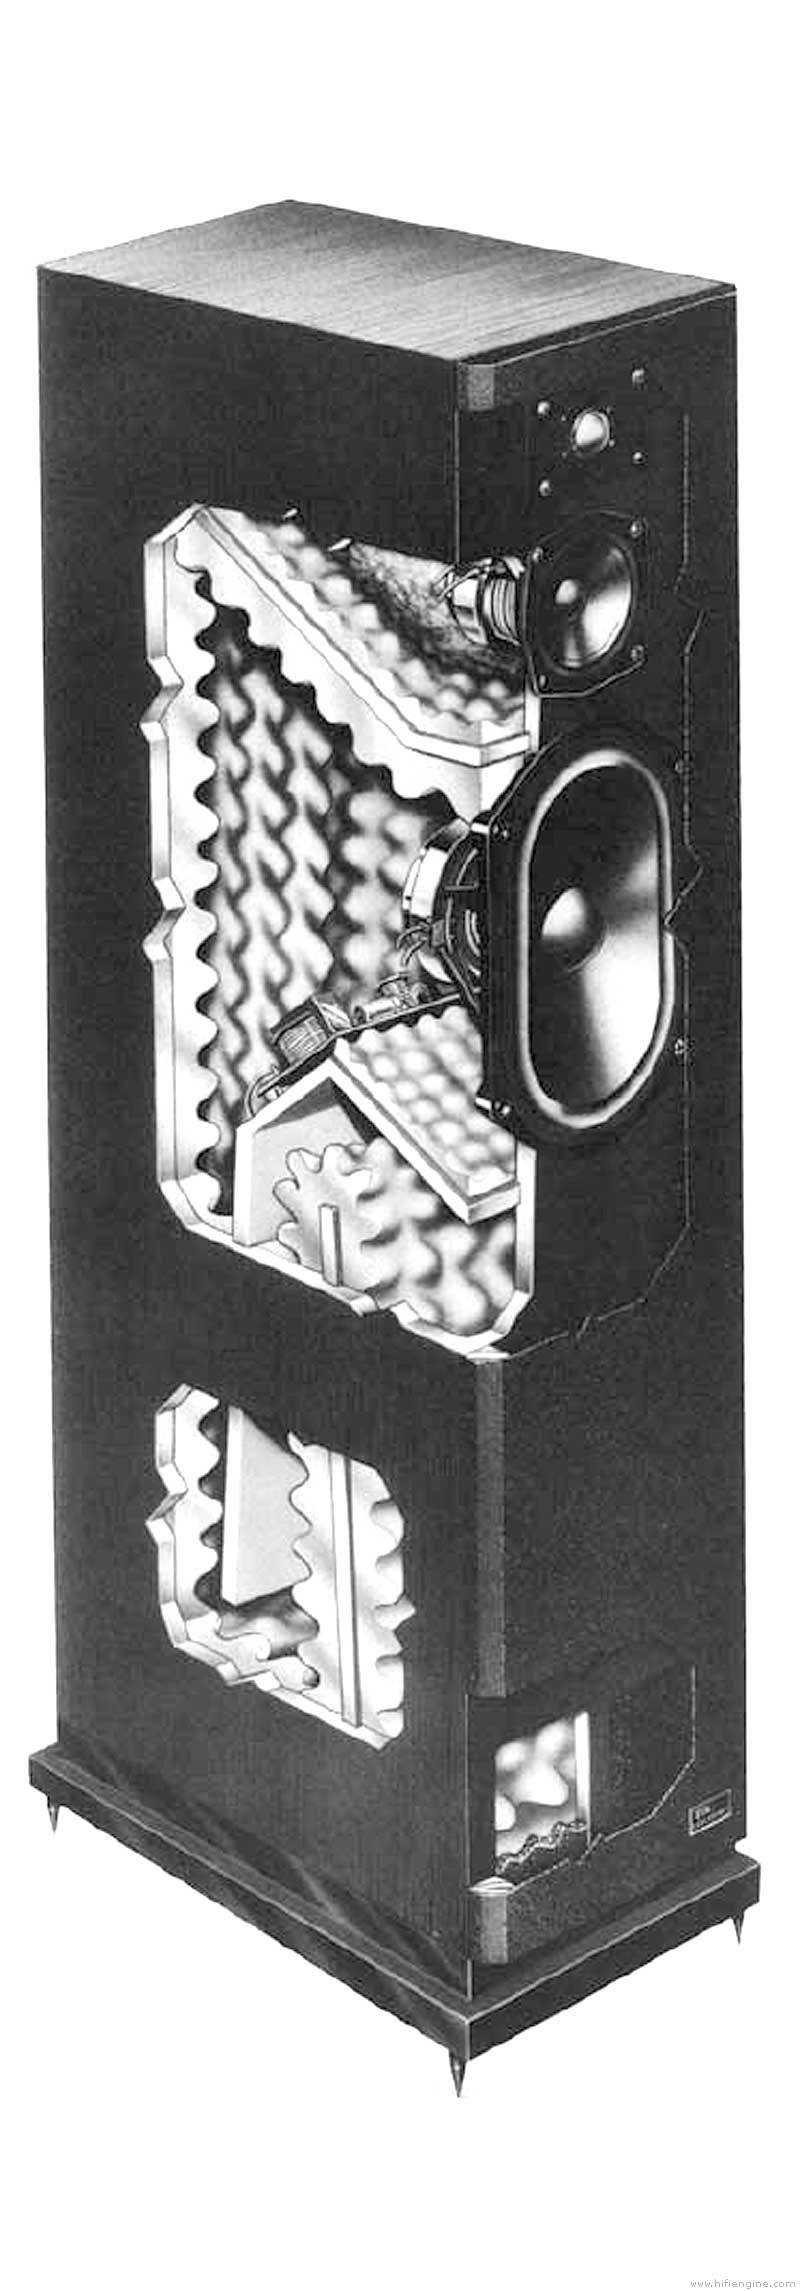 Tdl Electronics Studio 4 Manual Transmission Line Loudspeaker System Hifi Engine